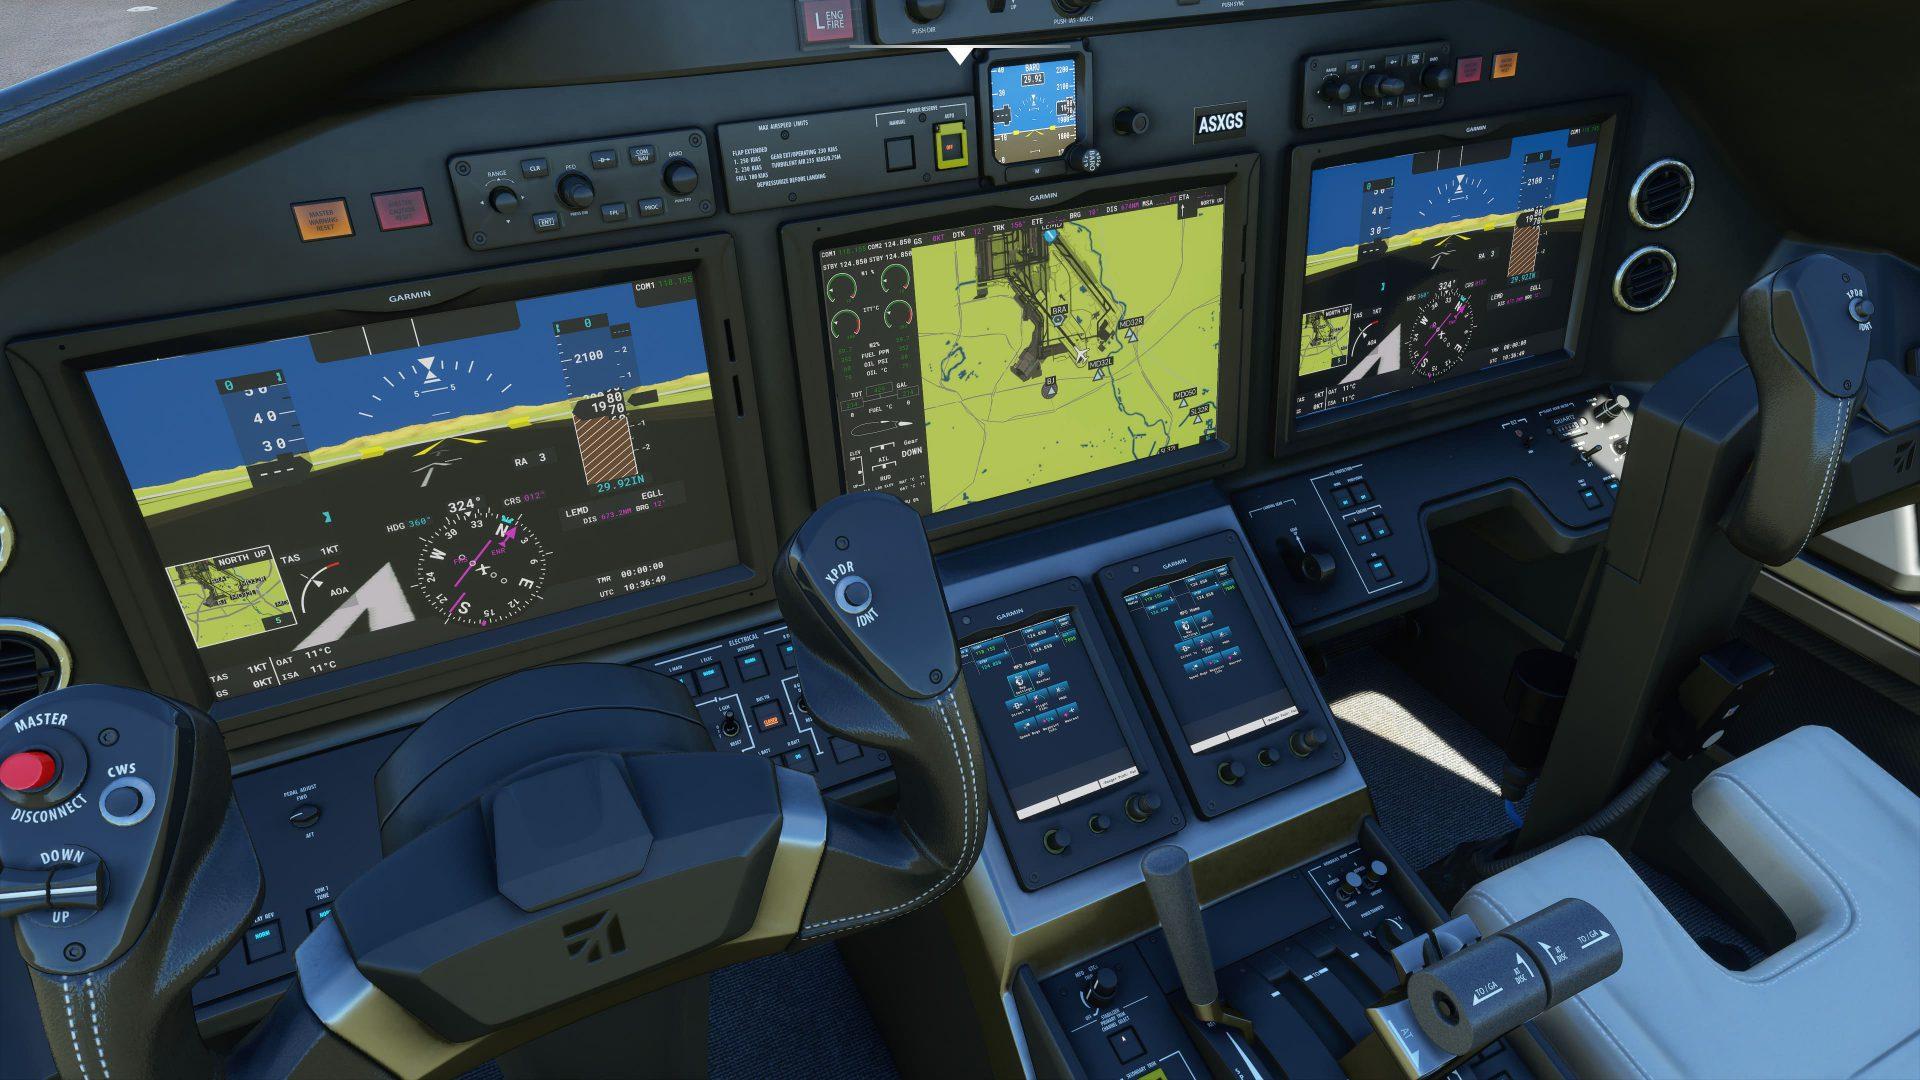 Mandos de un avión de Microsoft Flight Simulator